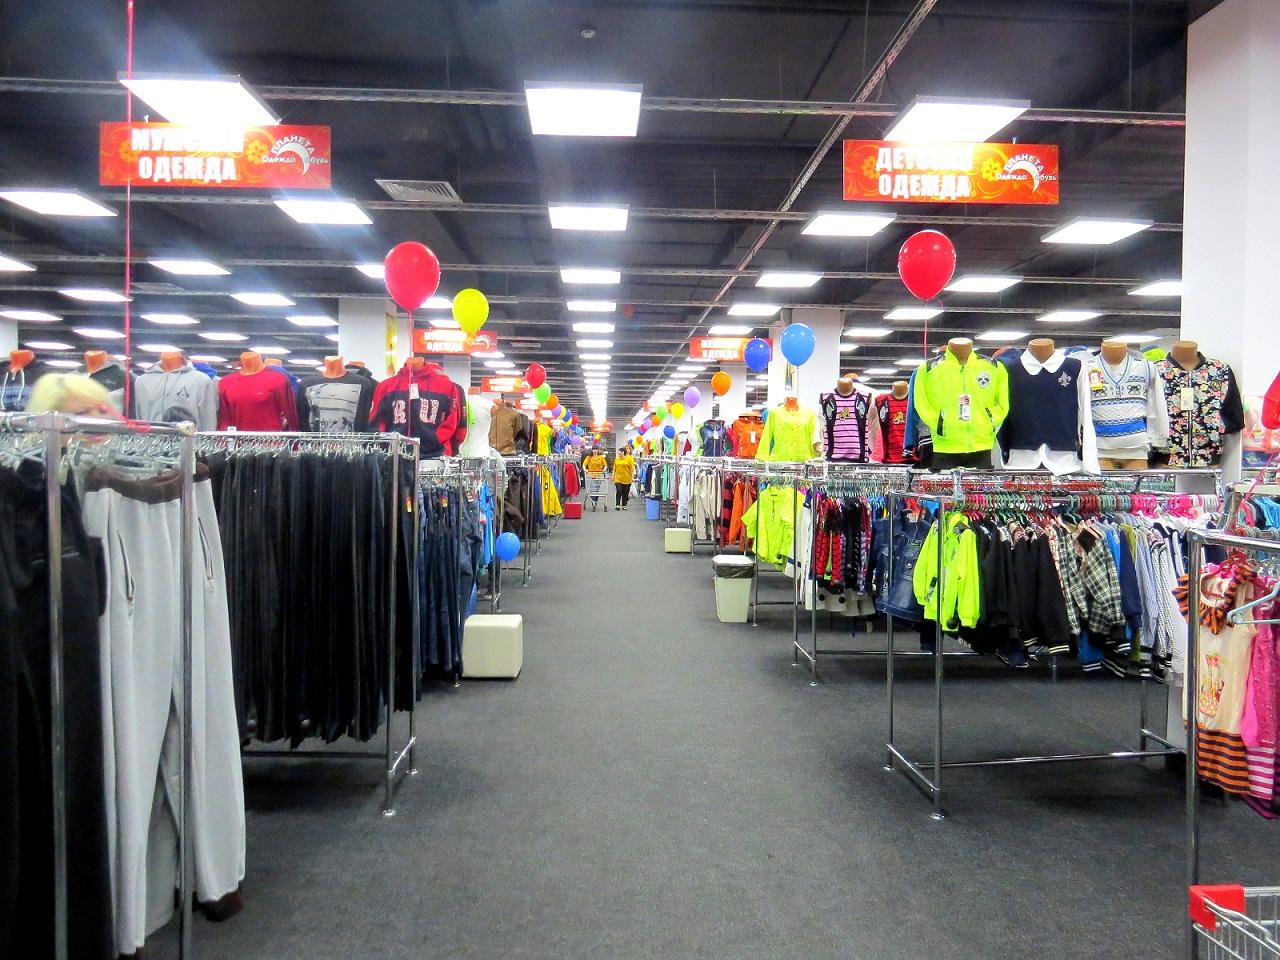 e80e293afd5 Приходите и вы в магазин «Планета Одежда Обувь»! Там вы точно найдете для  себя то